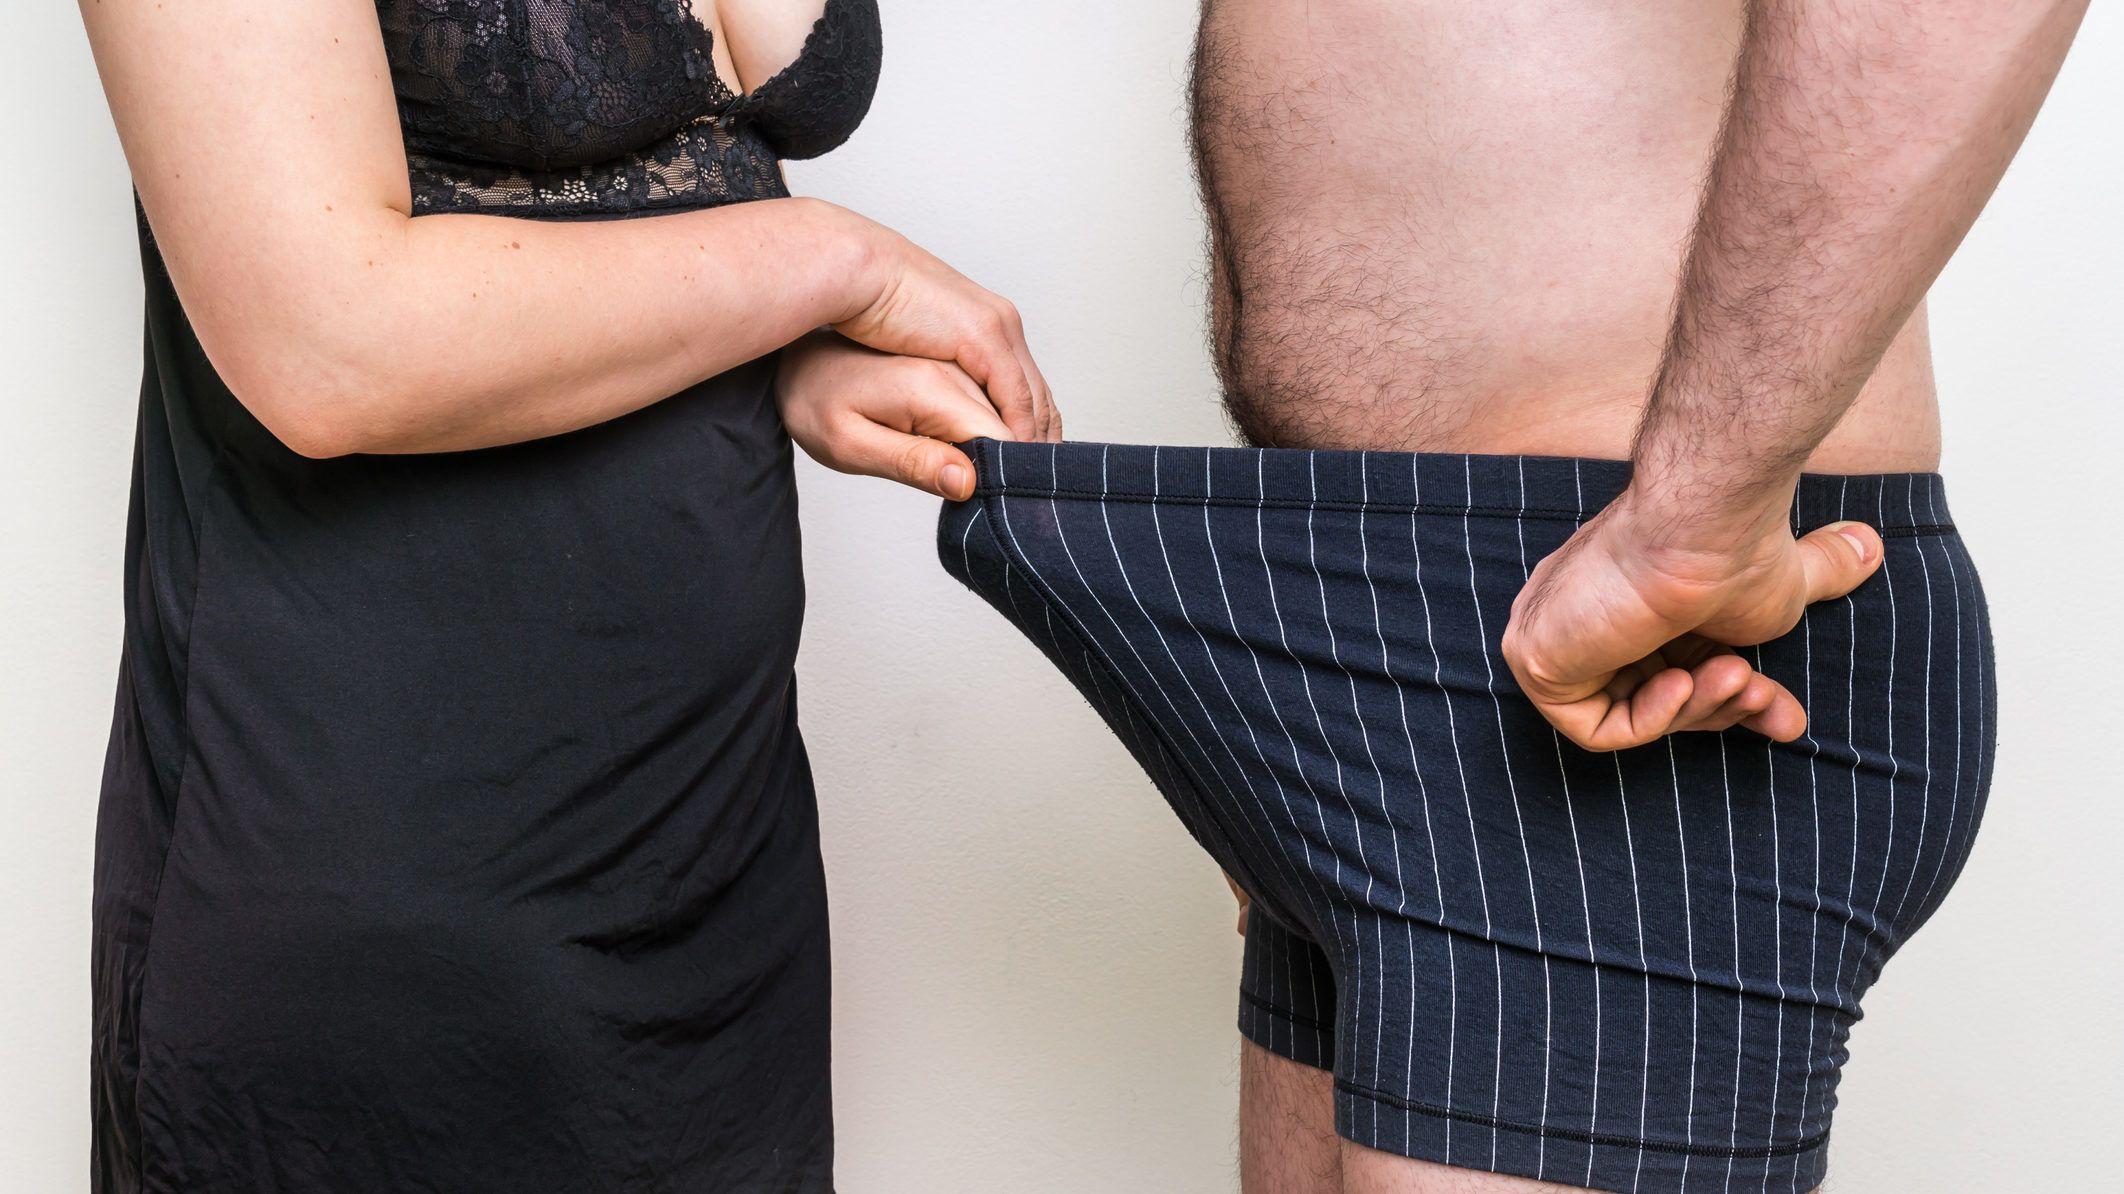 Kis pénisz szindróma tünetei és kezelése